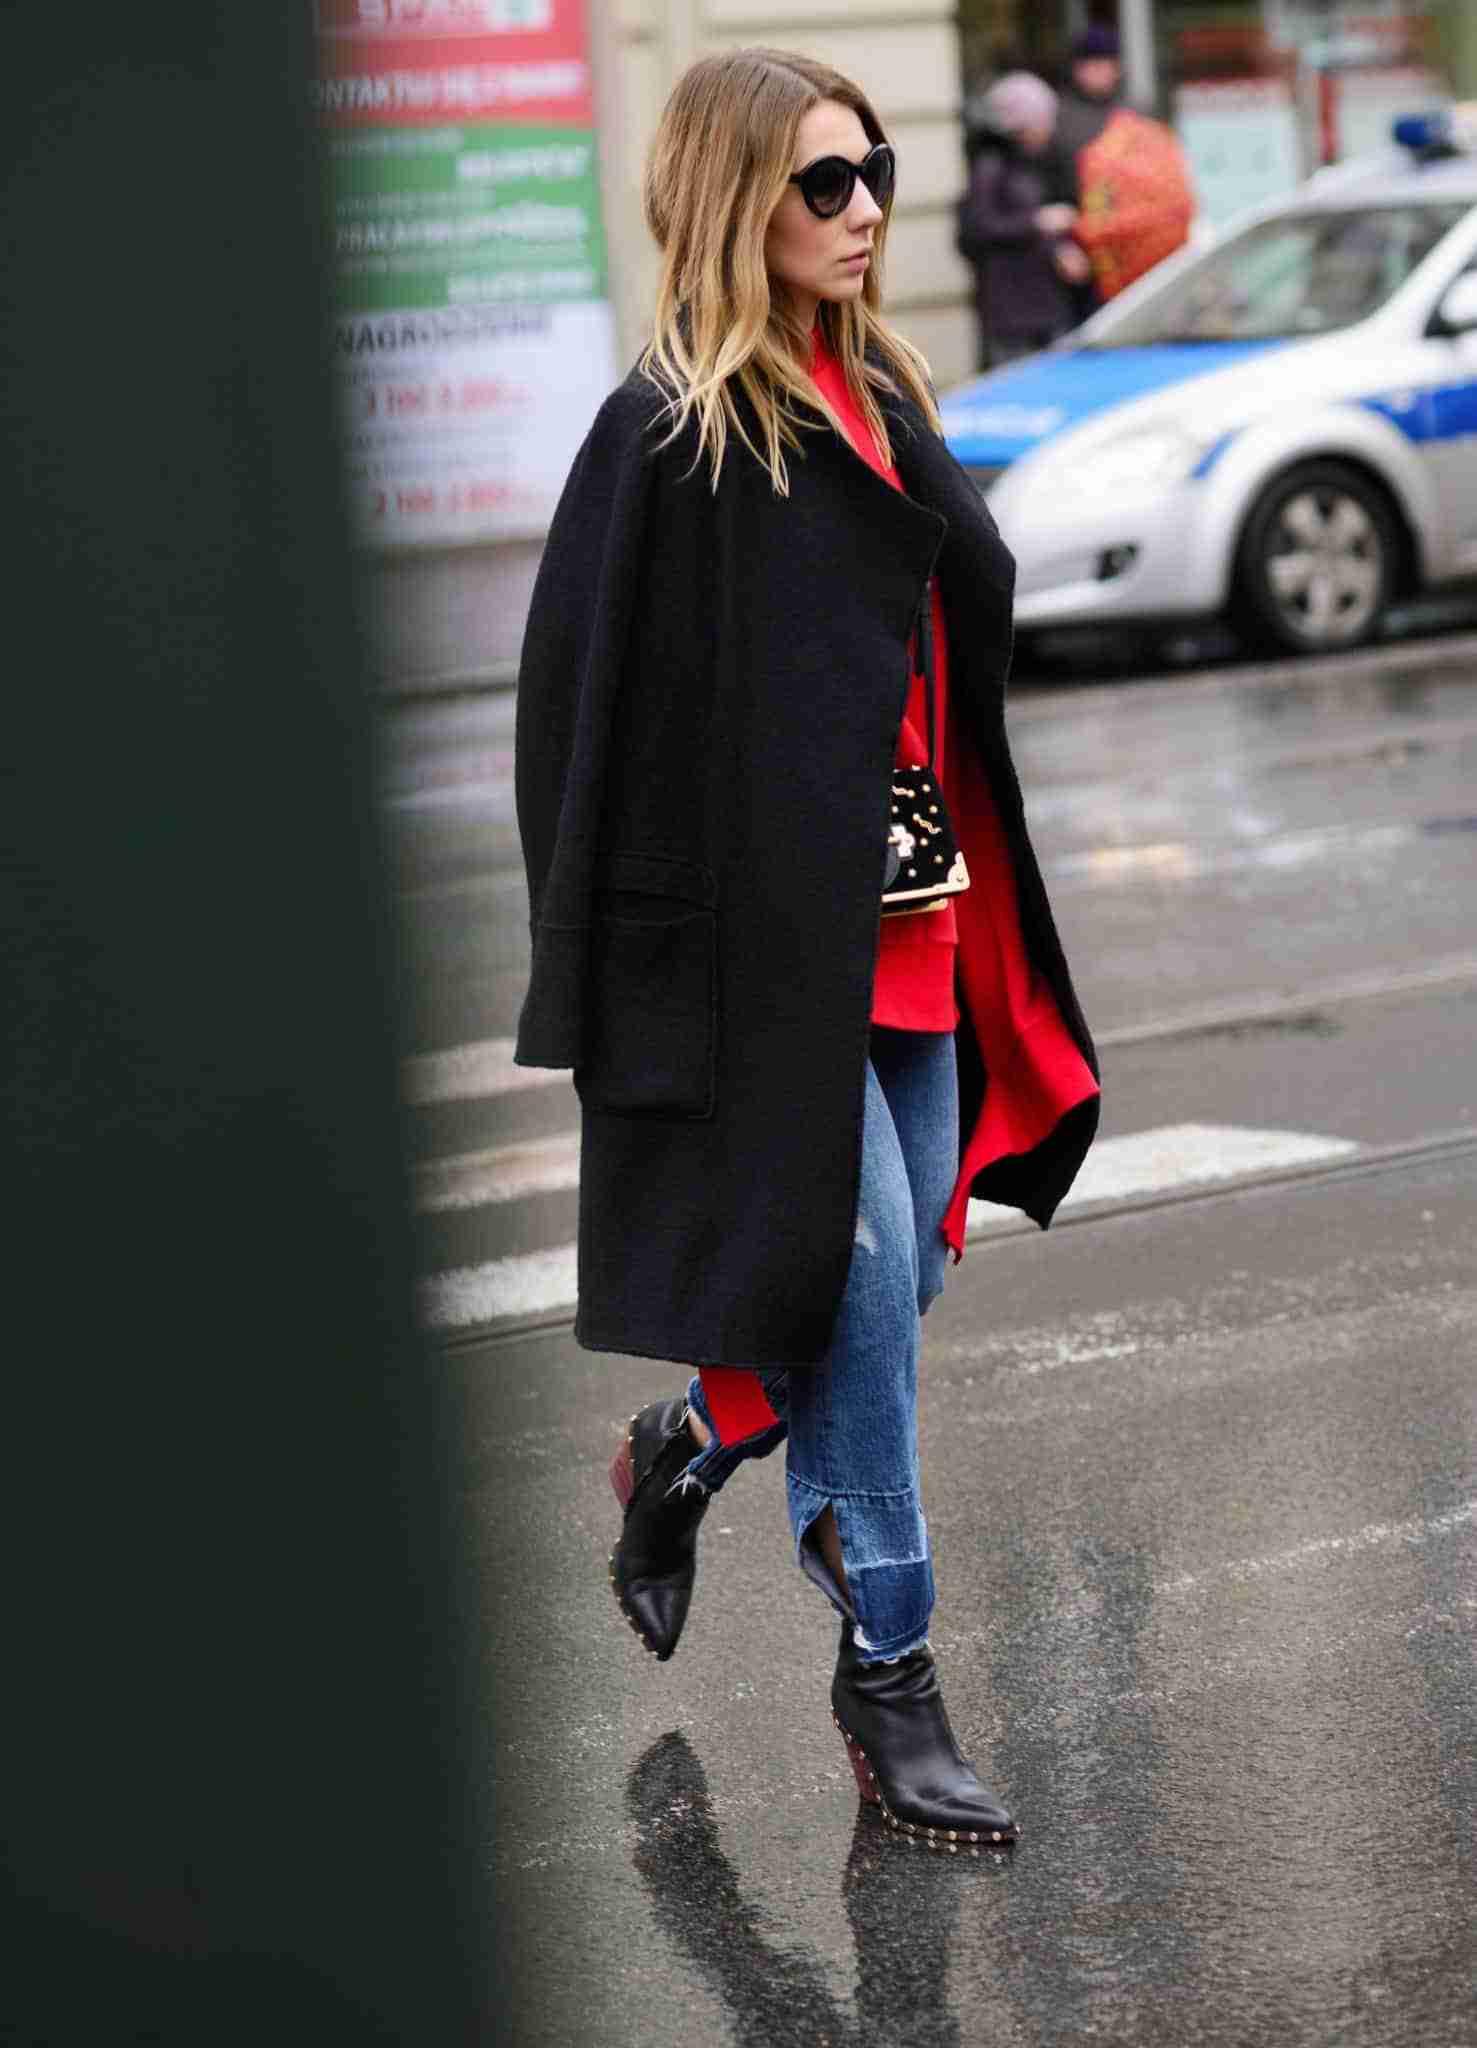 Klaudia w bluzie Vetements, czarnym płaszczu i z torebką Prada.